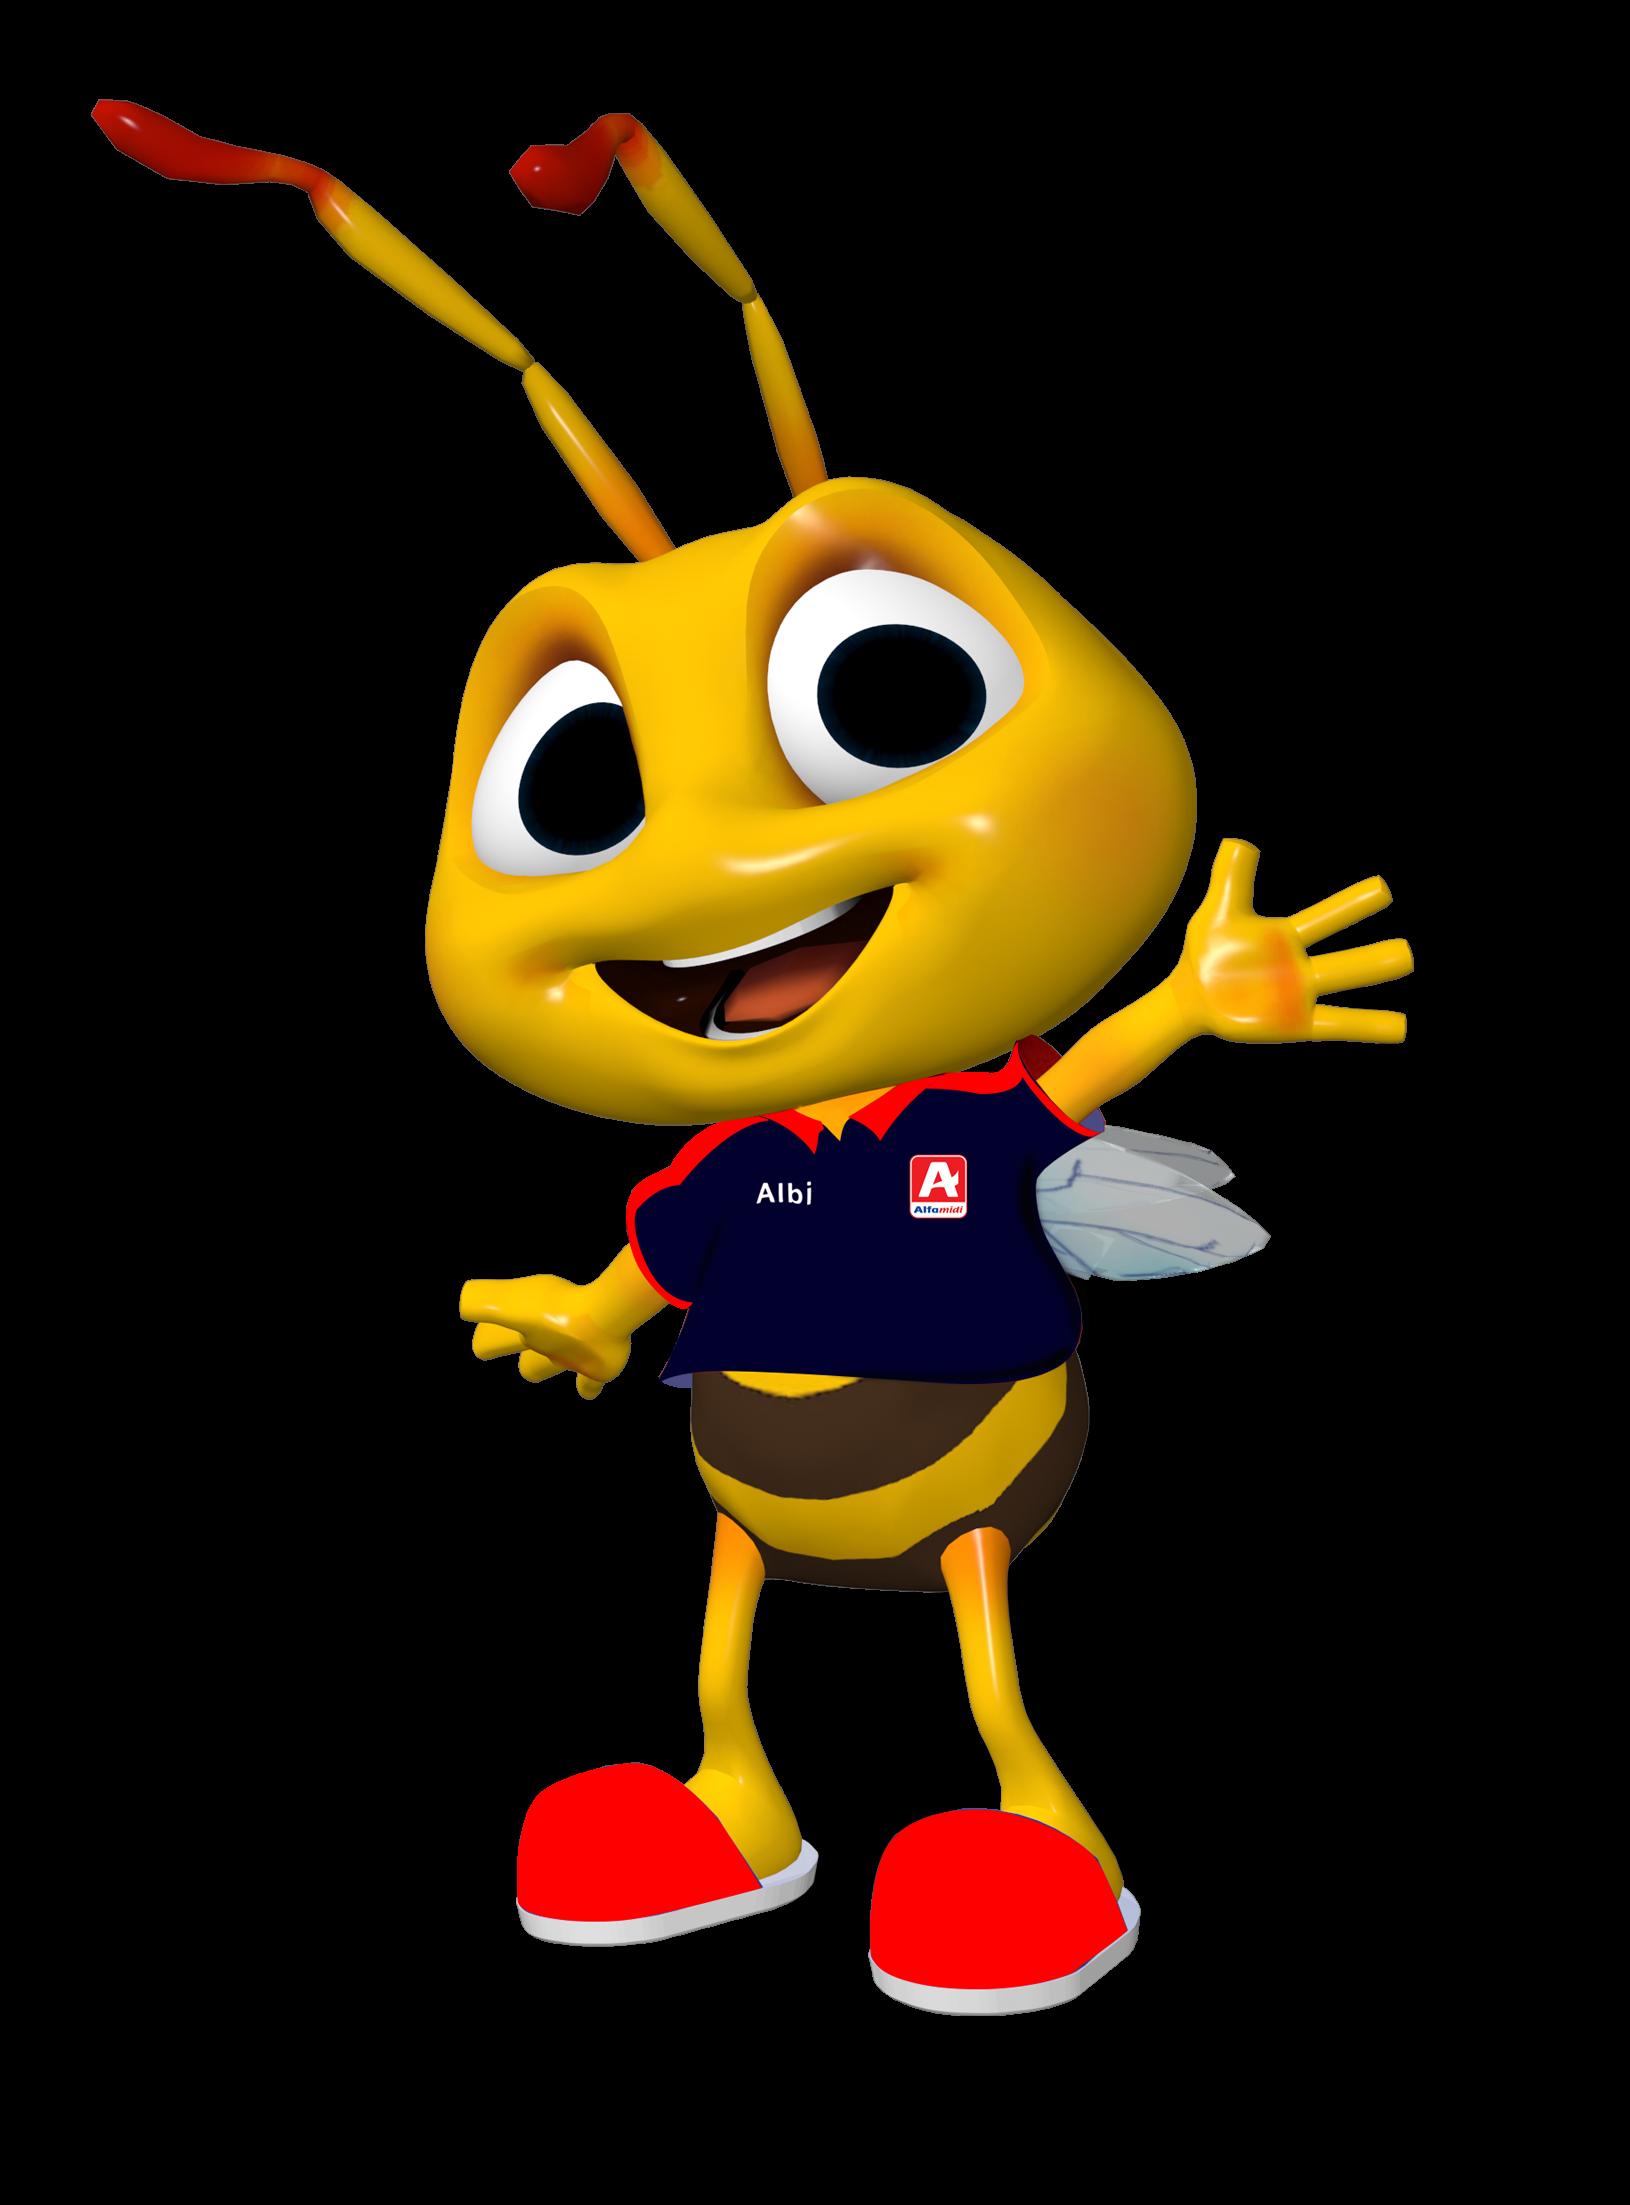 aibi.png PlusPng.com  - PNG Lebah